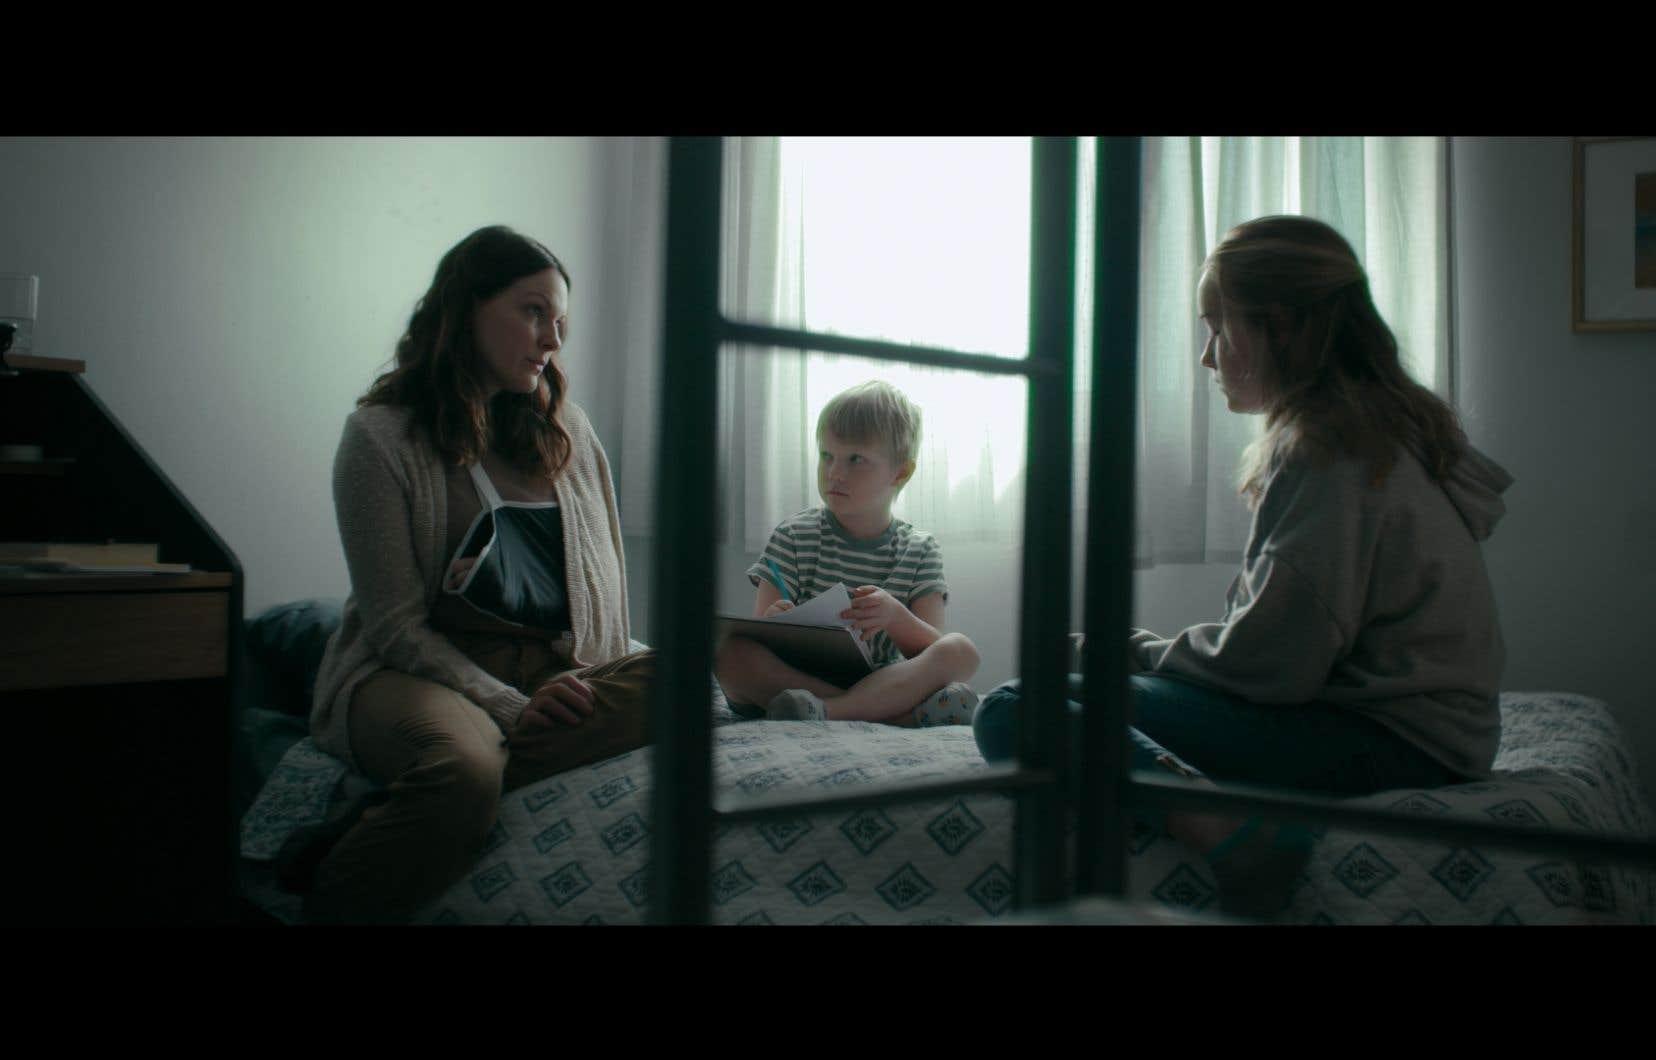 C'est une portée sociale que la réalisatrice Geneviève Rioux a souhaité atteindre avec «Moi, j'habite nulle part». Ce drame se déroule dans une maison d'hébergement pour femmes et est tourné à hauteur d'enfant.